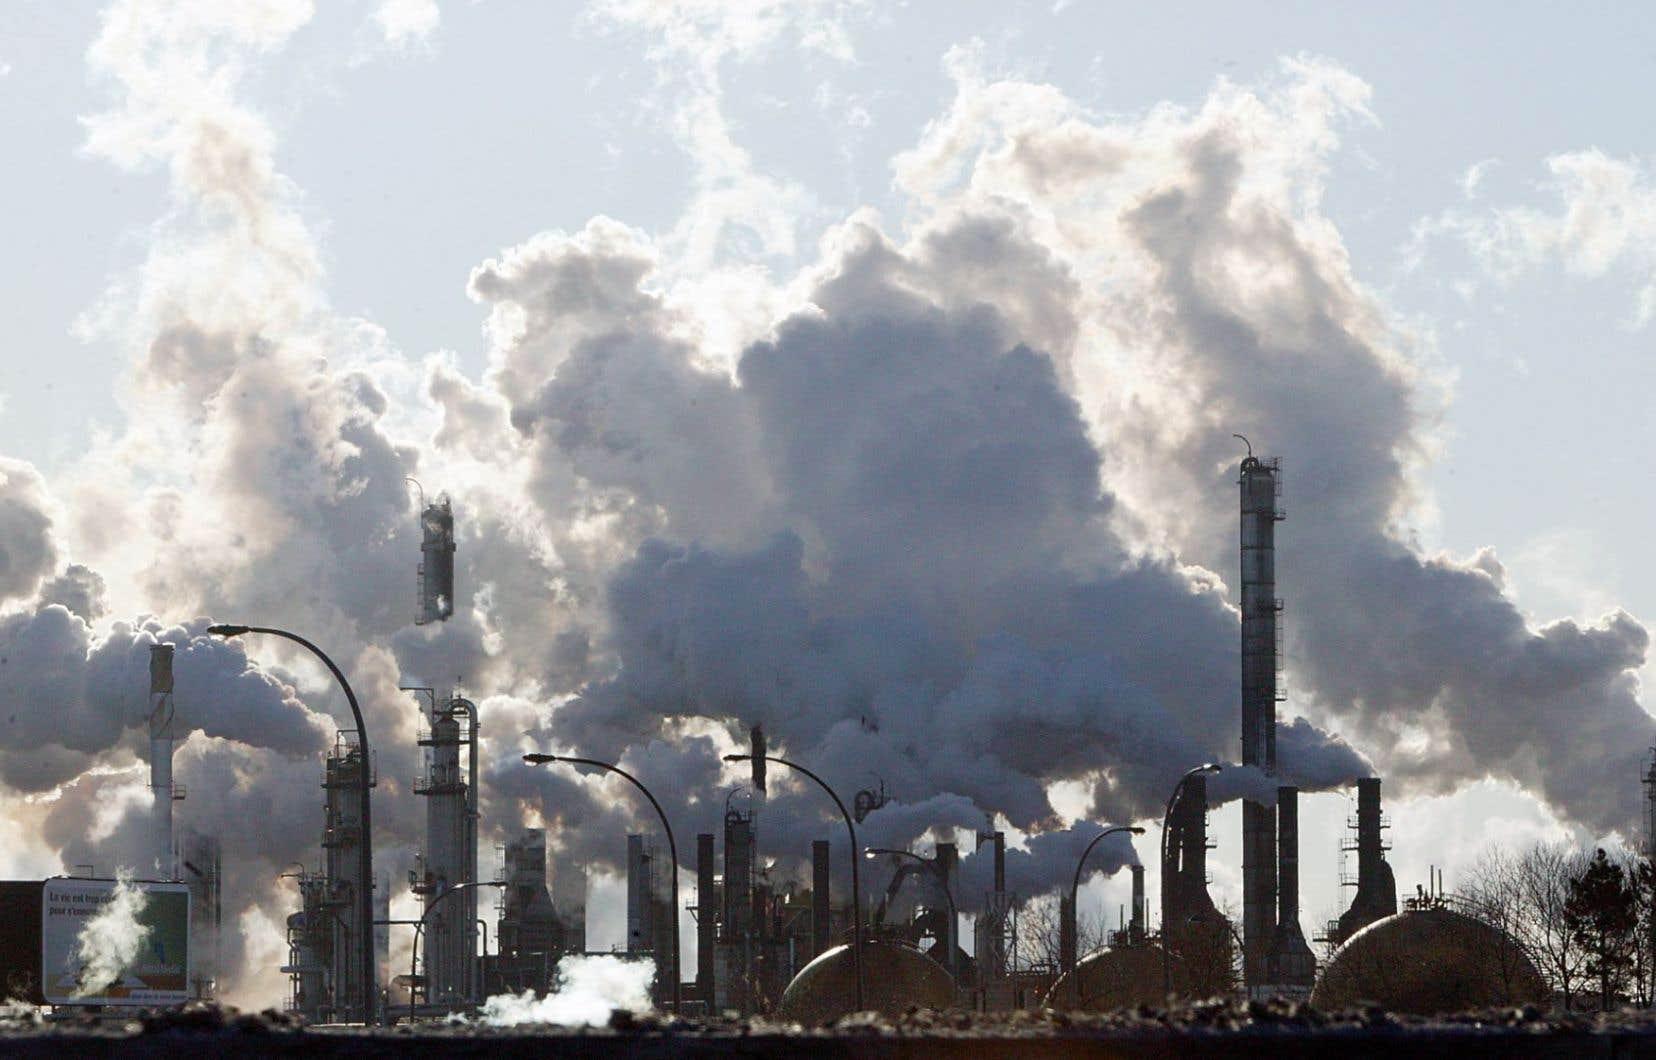 <em>« Les pays exportateurs de matières premières, comme l'Australie et le Canada, continuent d'être confrontés à de forts vents contraires avec la chute du prix de leurs exportations de pétrole, de charbon et des métaux»</em>, a expliqué l'OCDE.